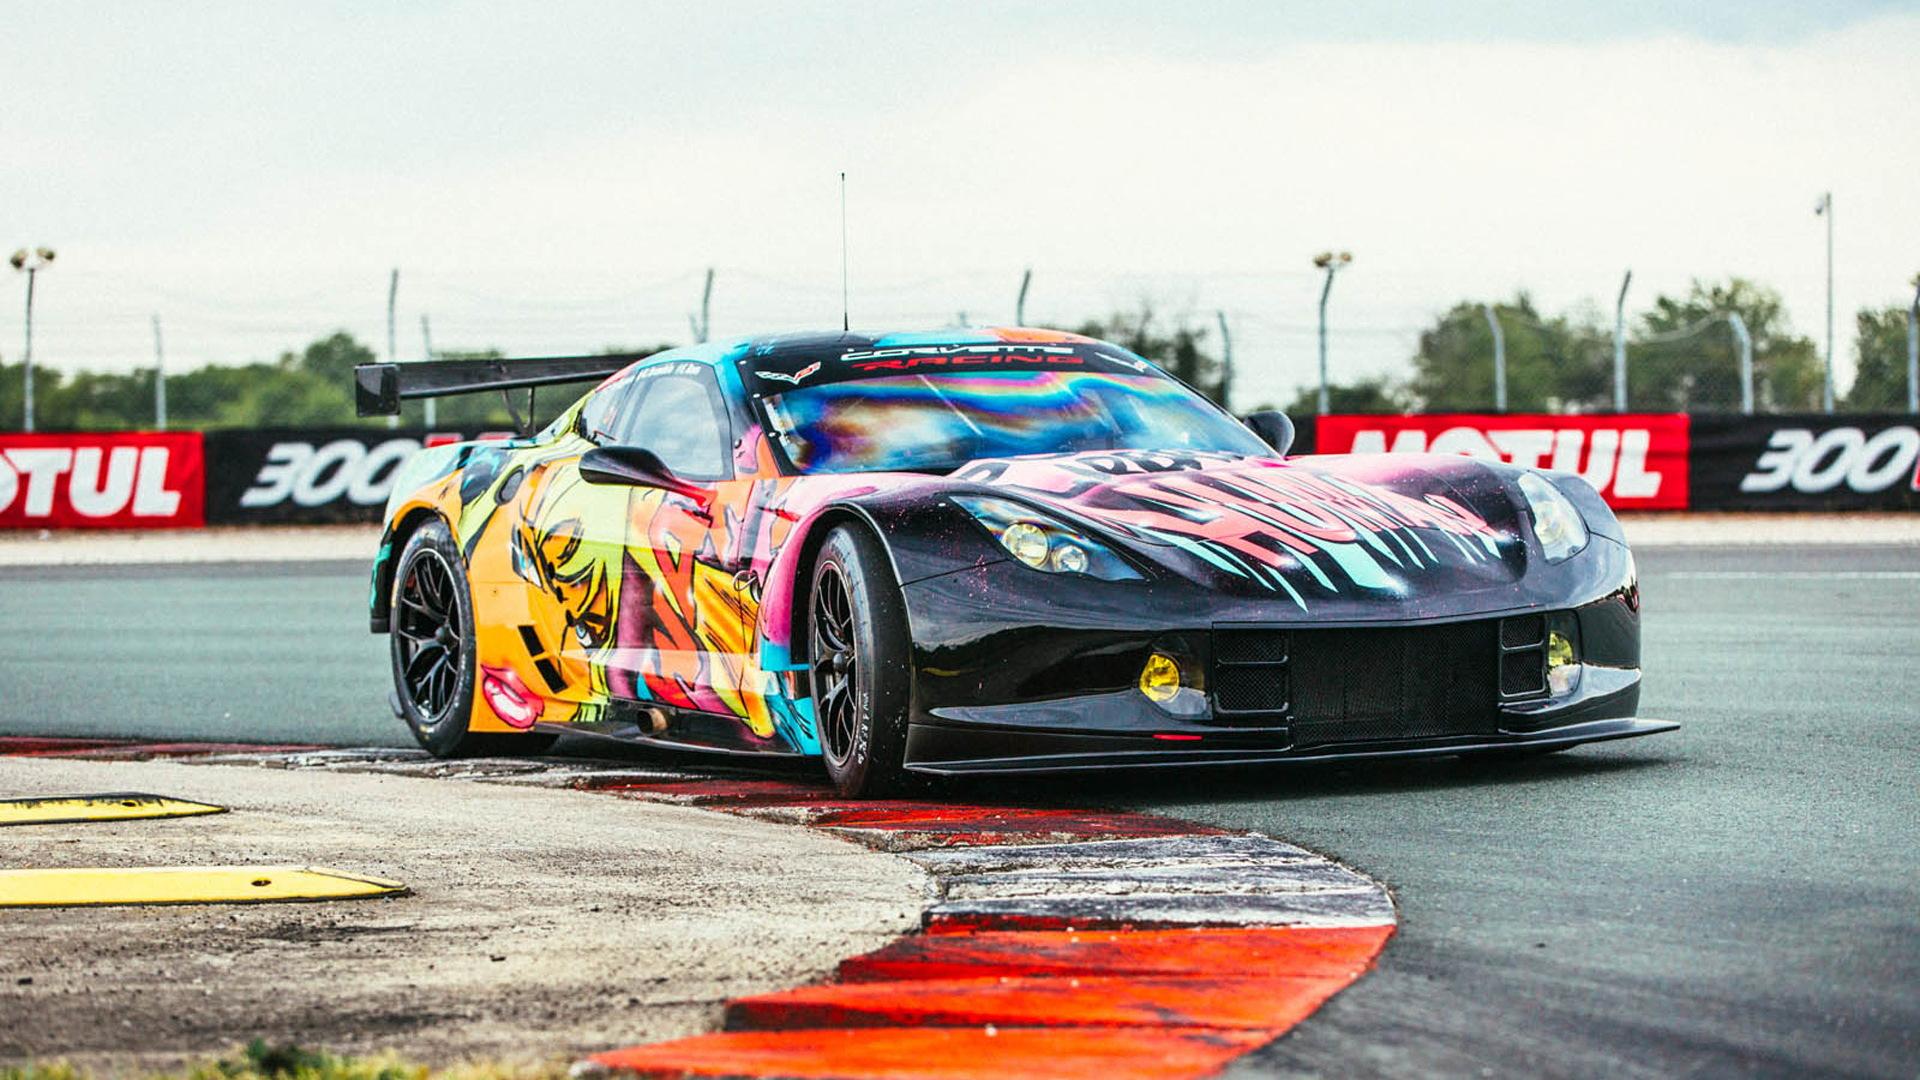 2017 Larbre Chevrolet Corvette C7.R race car